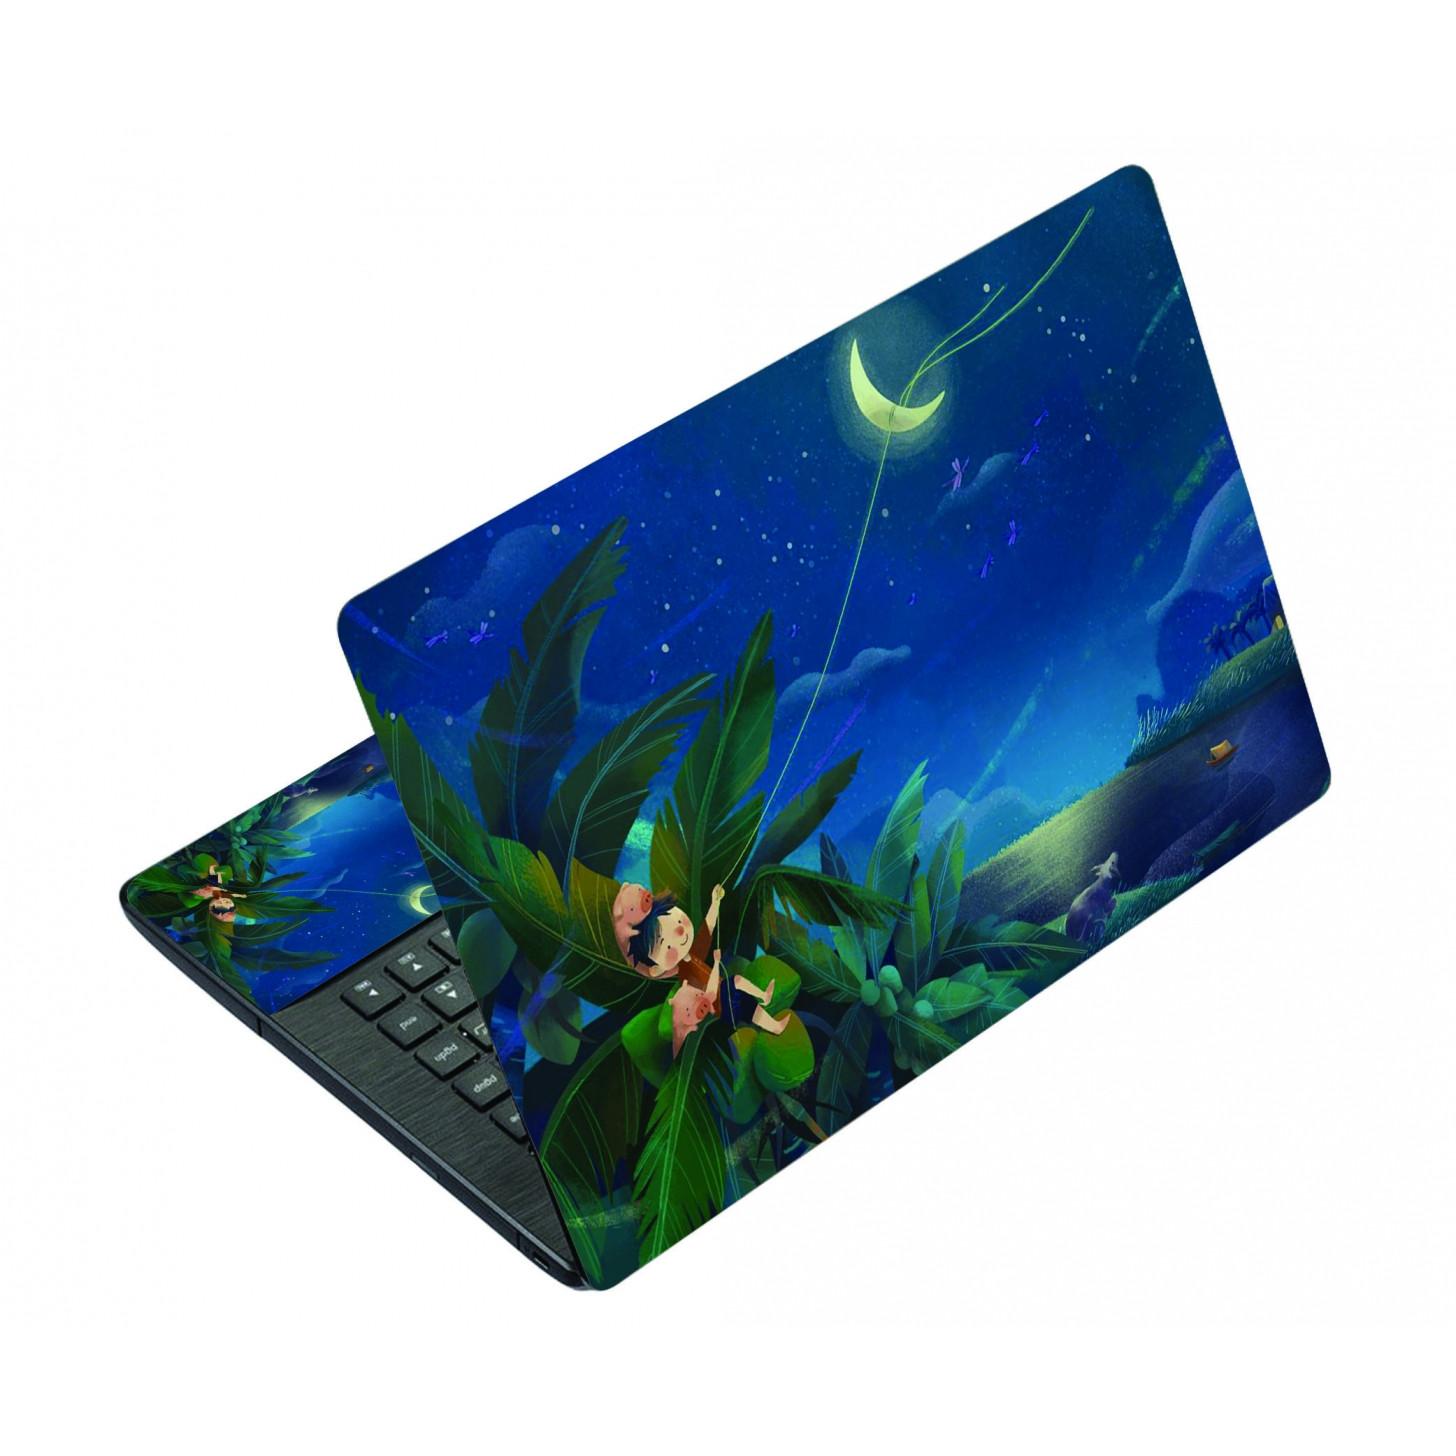 Miếng Dán Decal Dành Cho Laptop Mẫu Hoạt Hình LTHH - 367 cỡ 13 inch